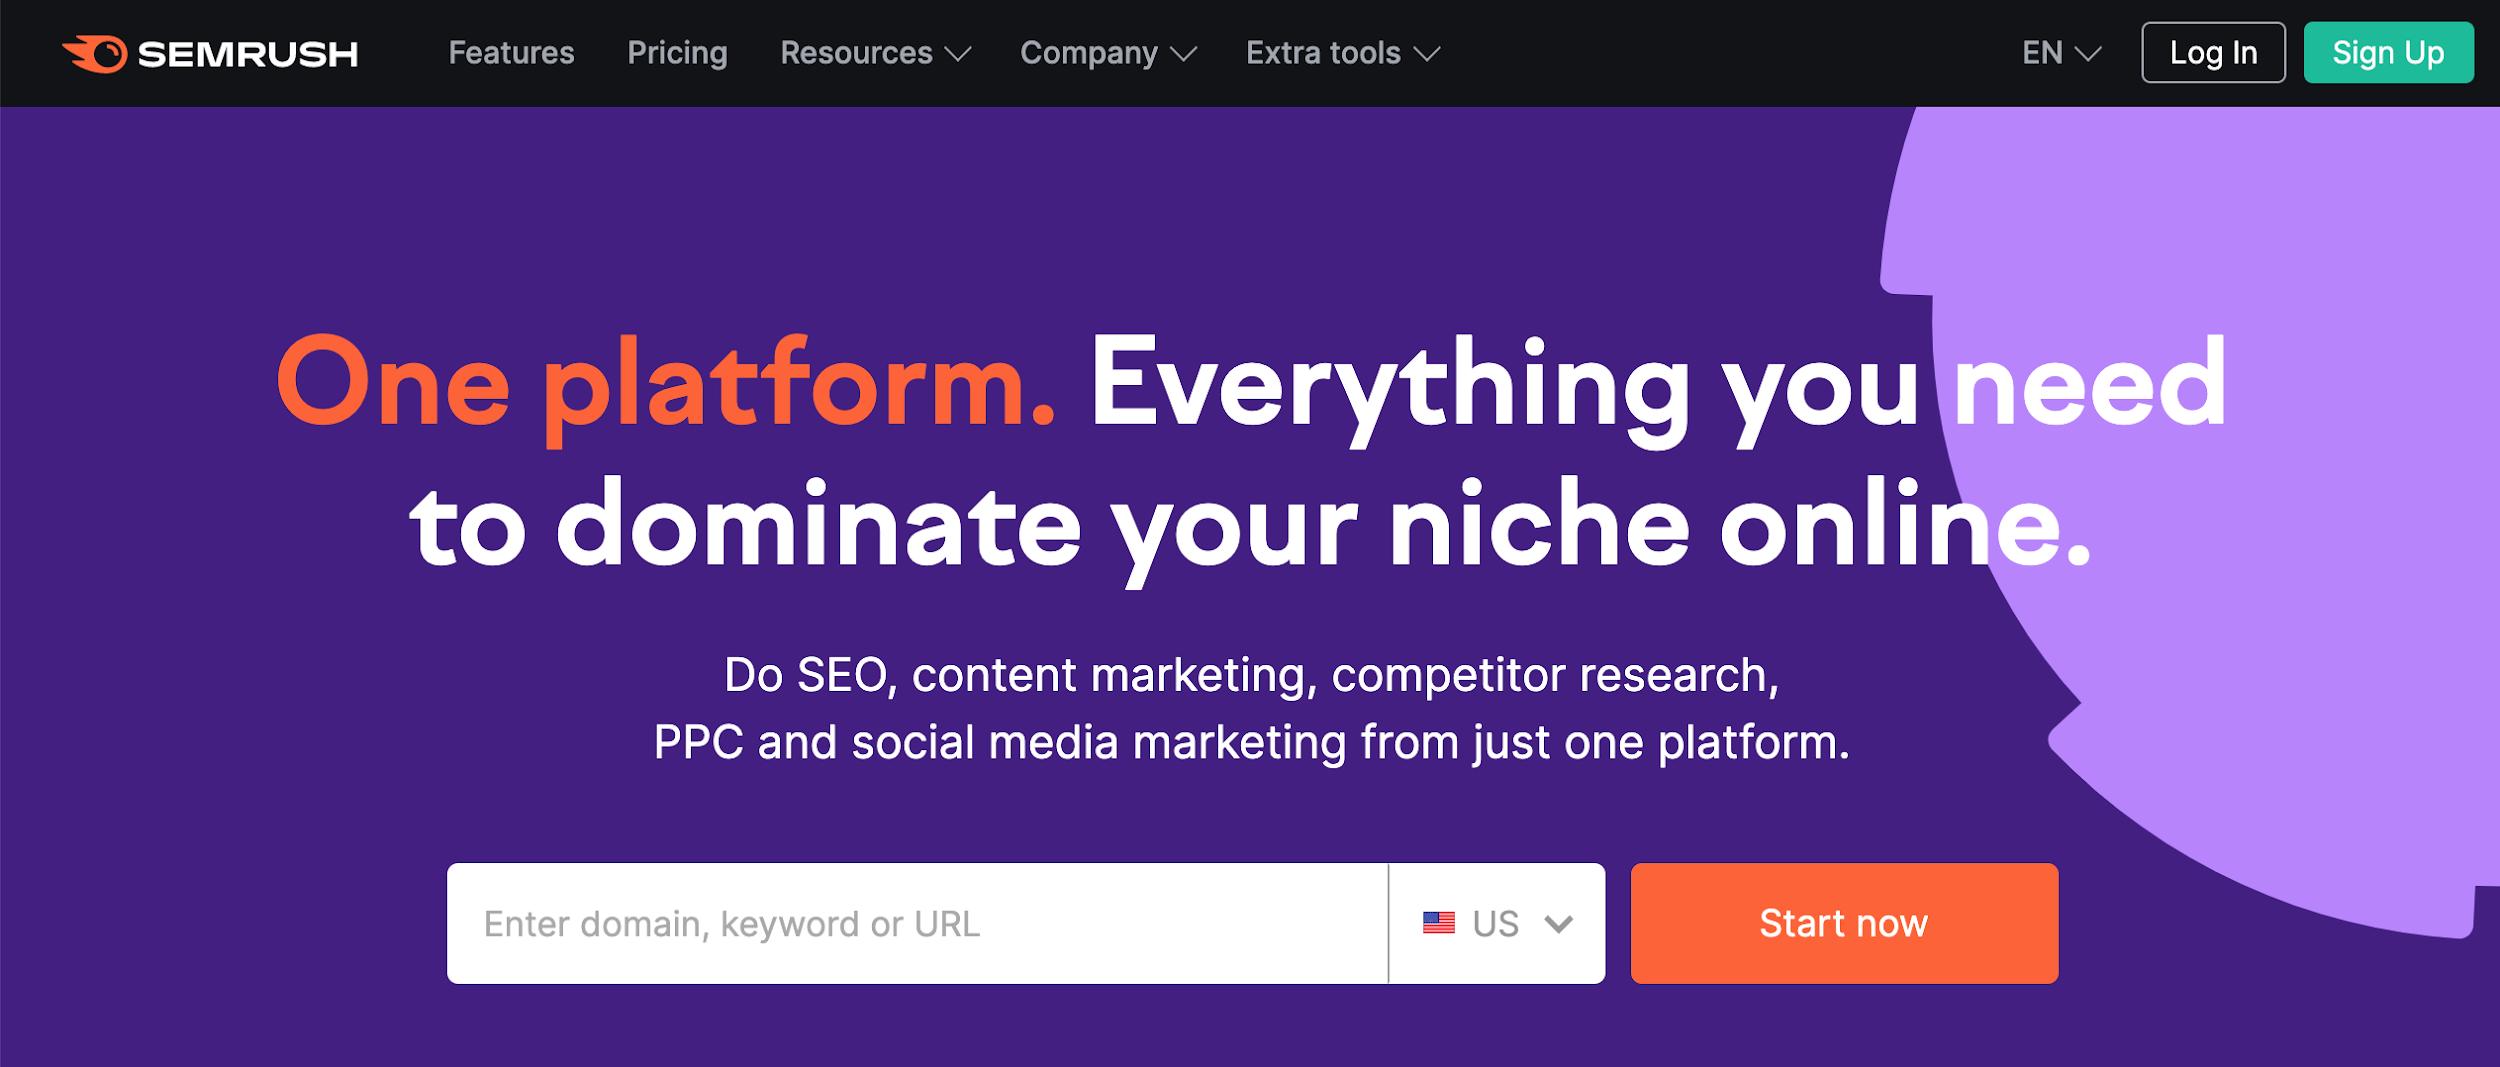 semrush essential affiliate marketing tool